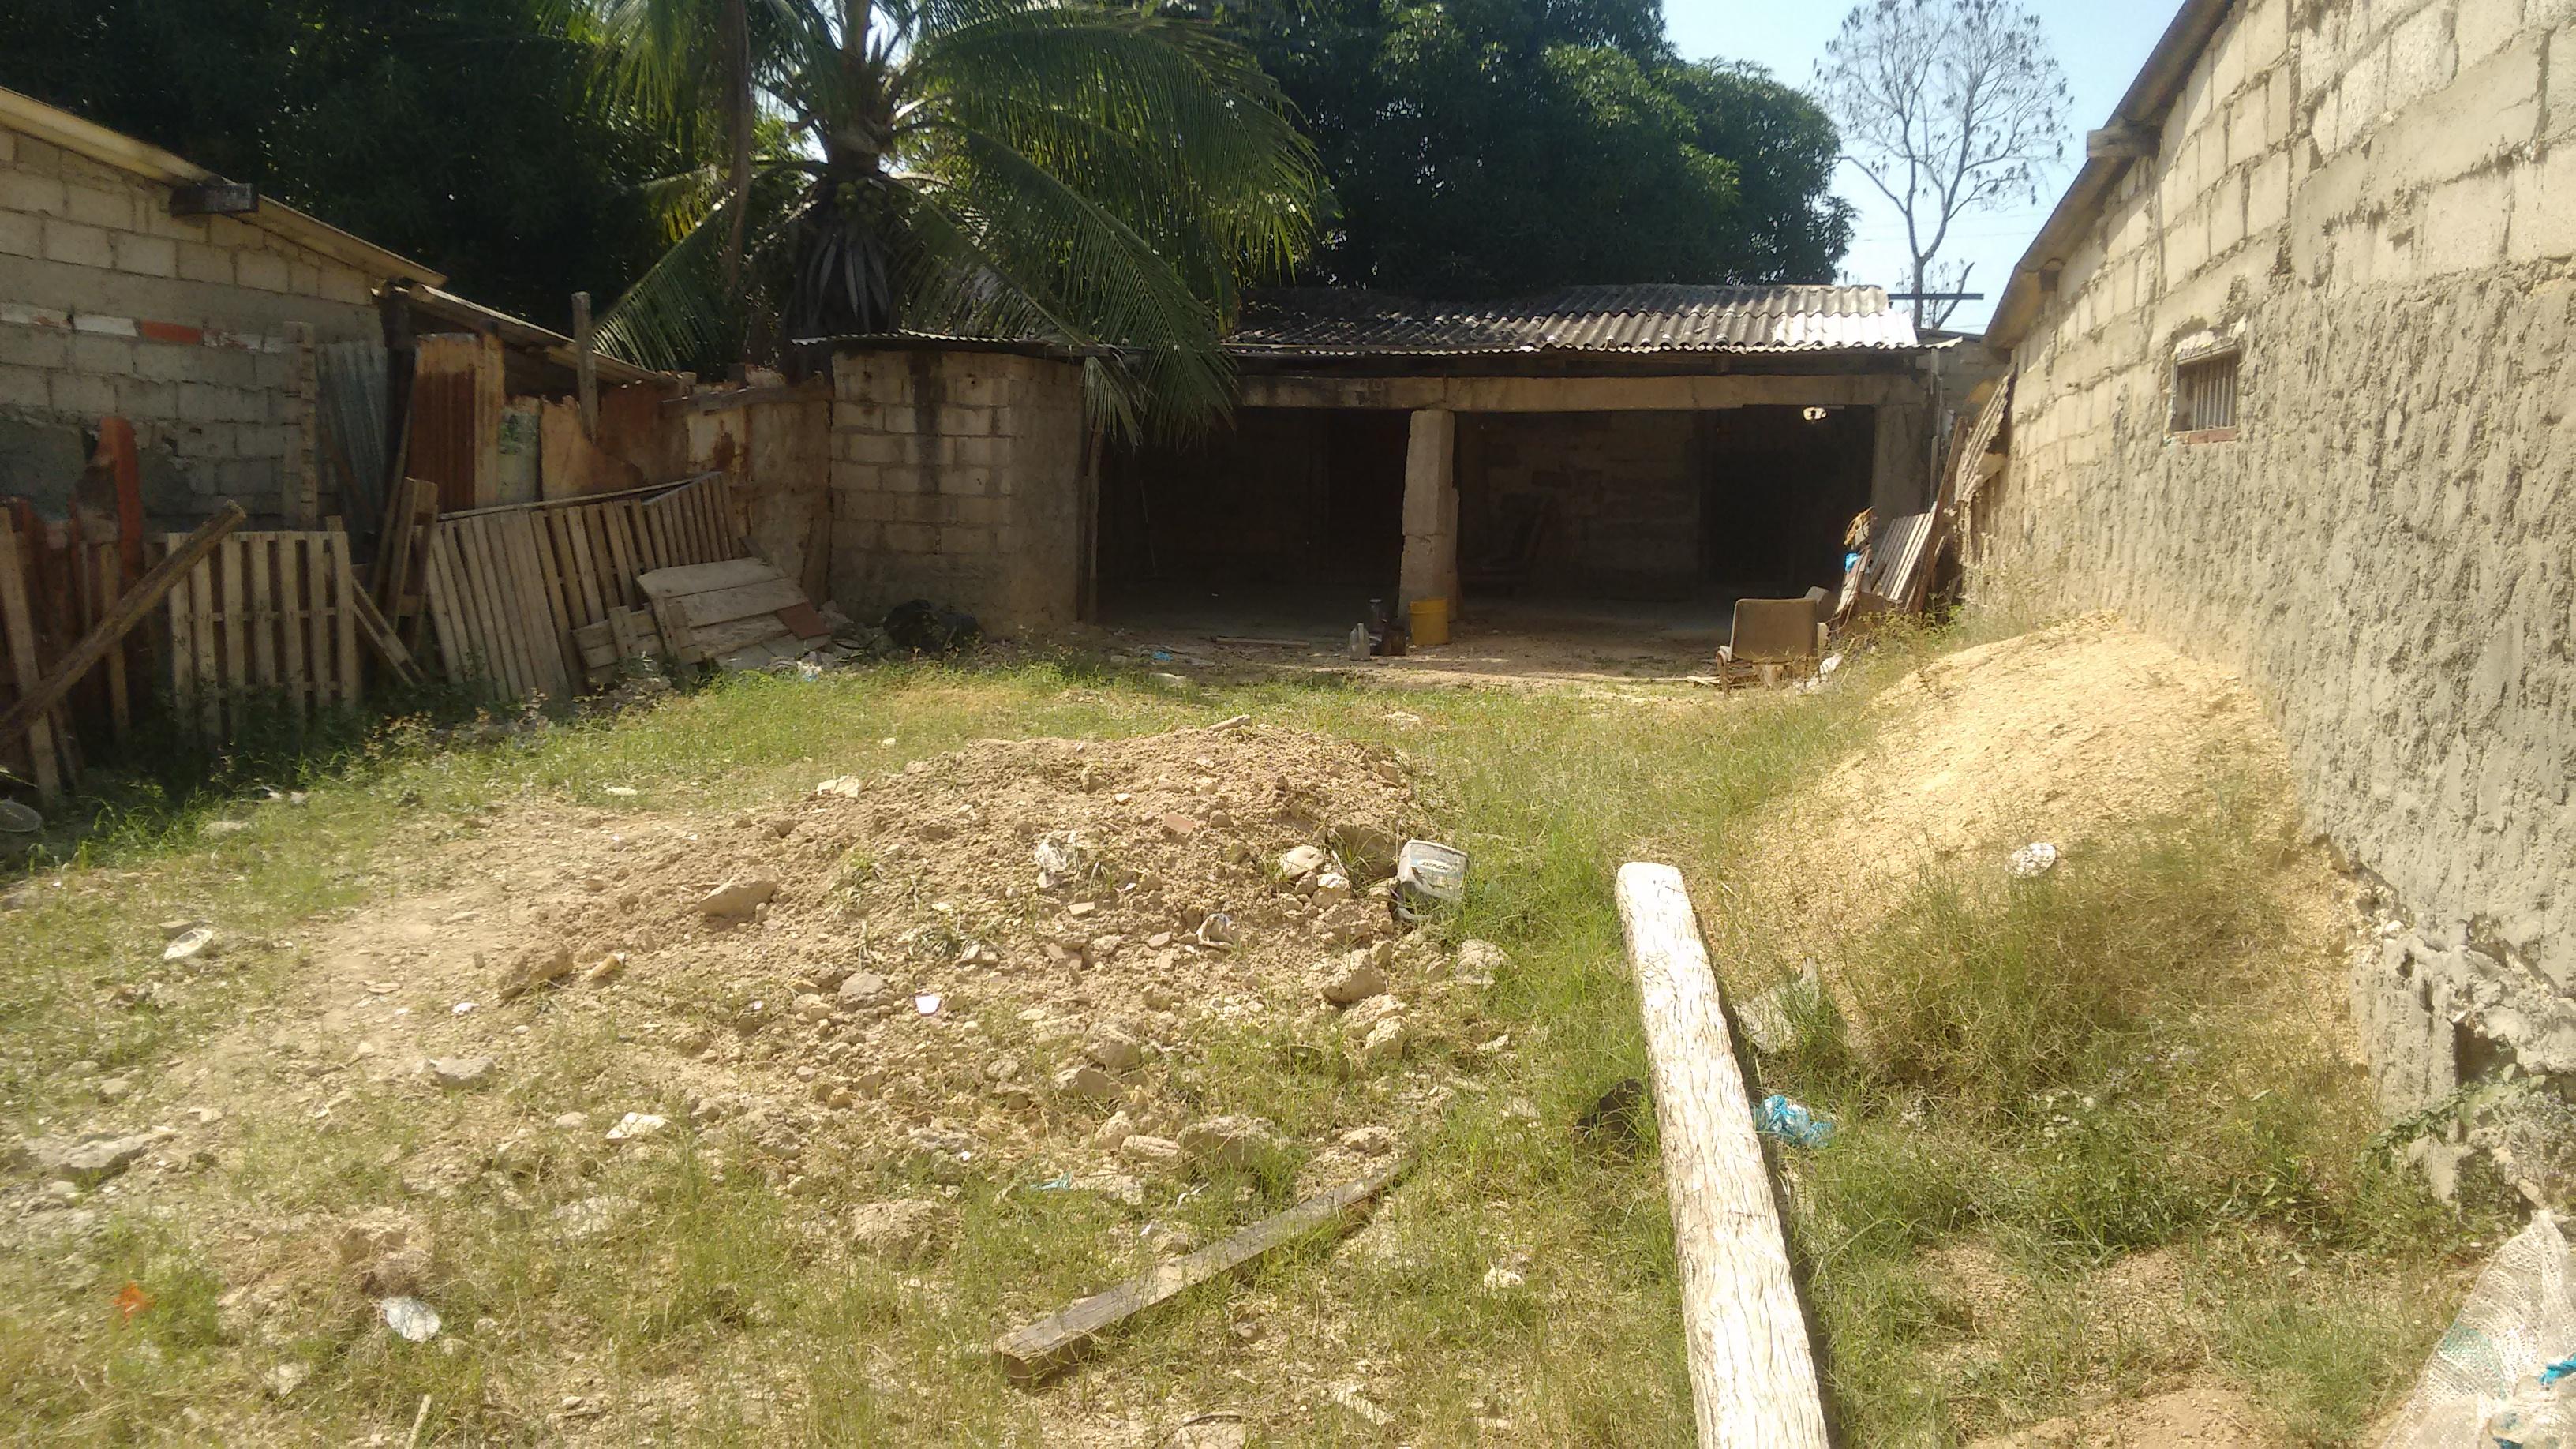 Lote en Cartagena de indias 109951, foto 2